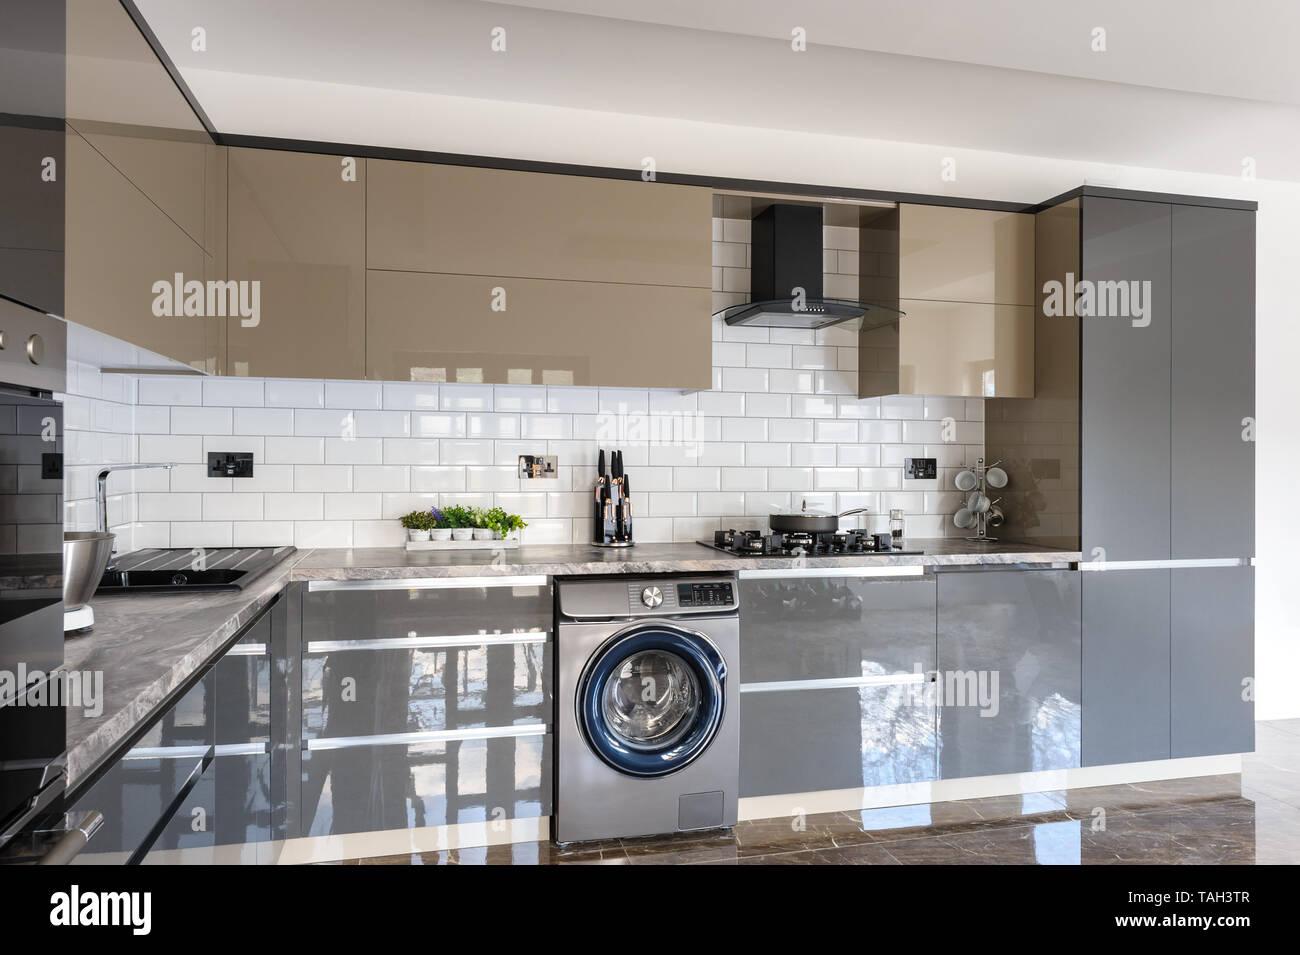 Geraumige Luxuriose Und Moderne Grau Beige Und Weiss Kuche Mit